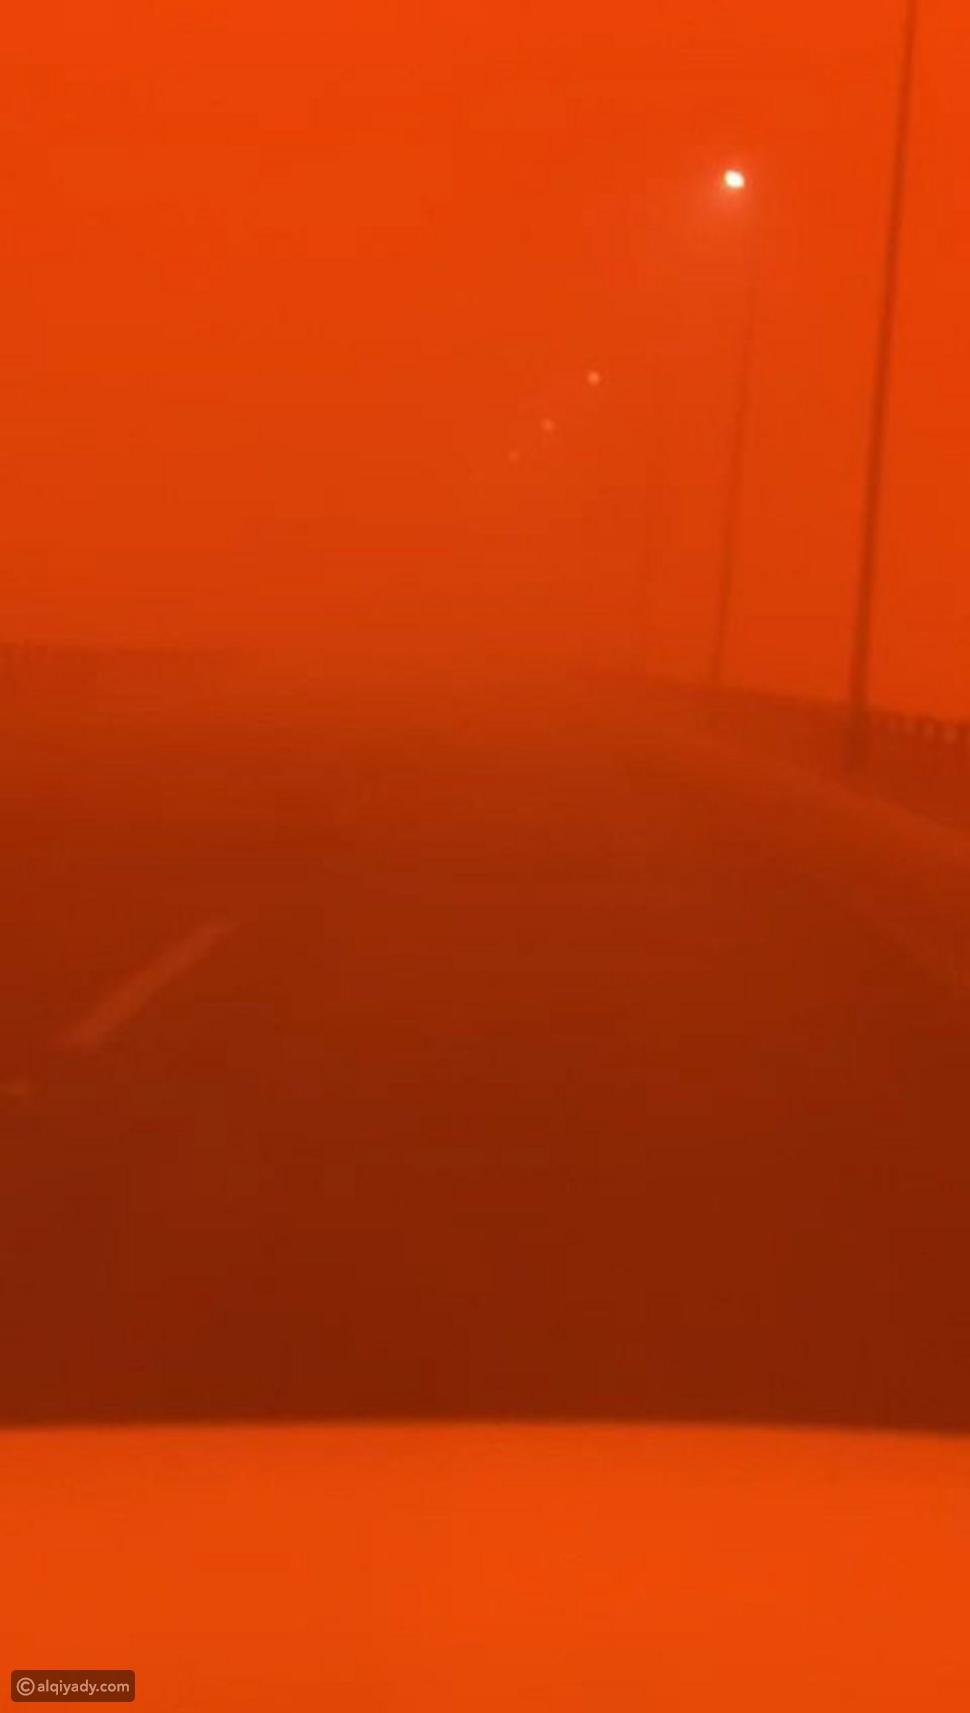 عرعر: عاصفة ترابية تحول نهار المدينة إلى ظلام دامس